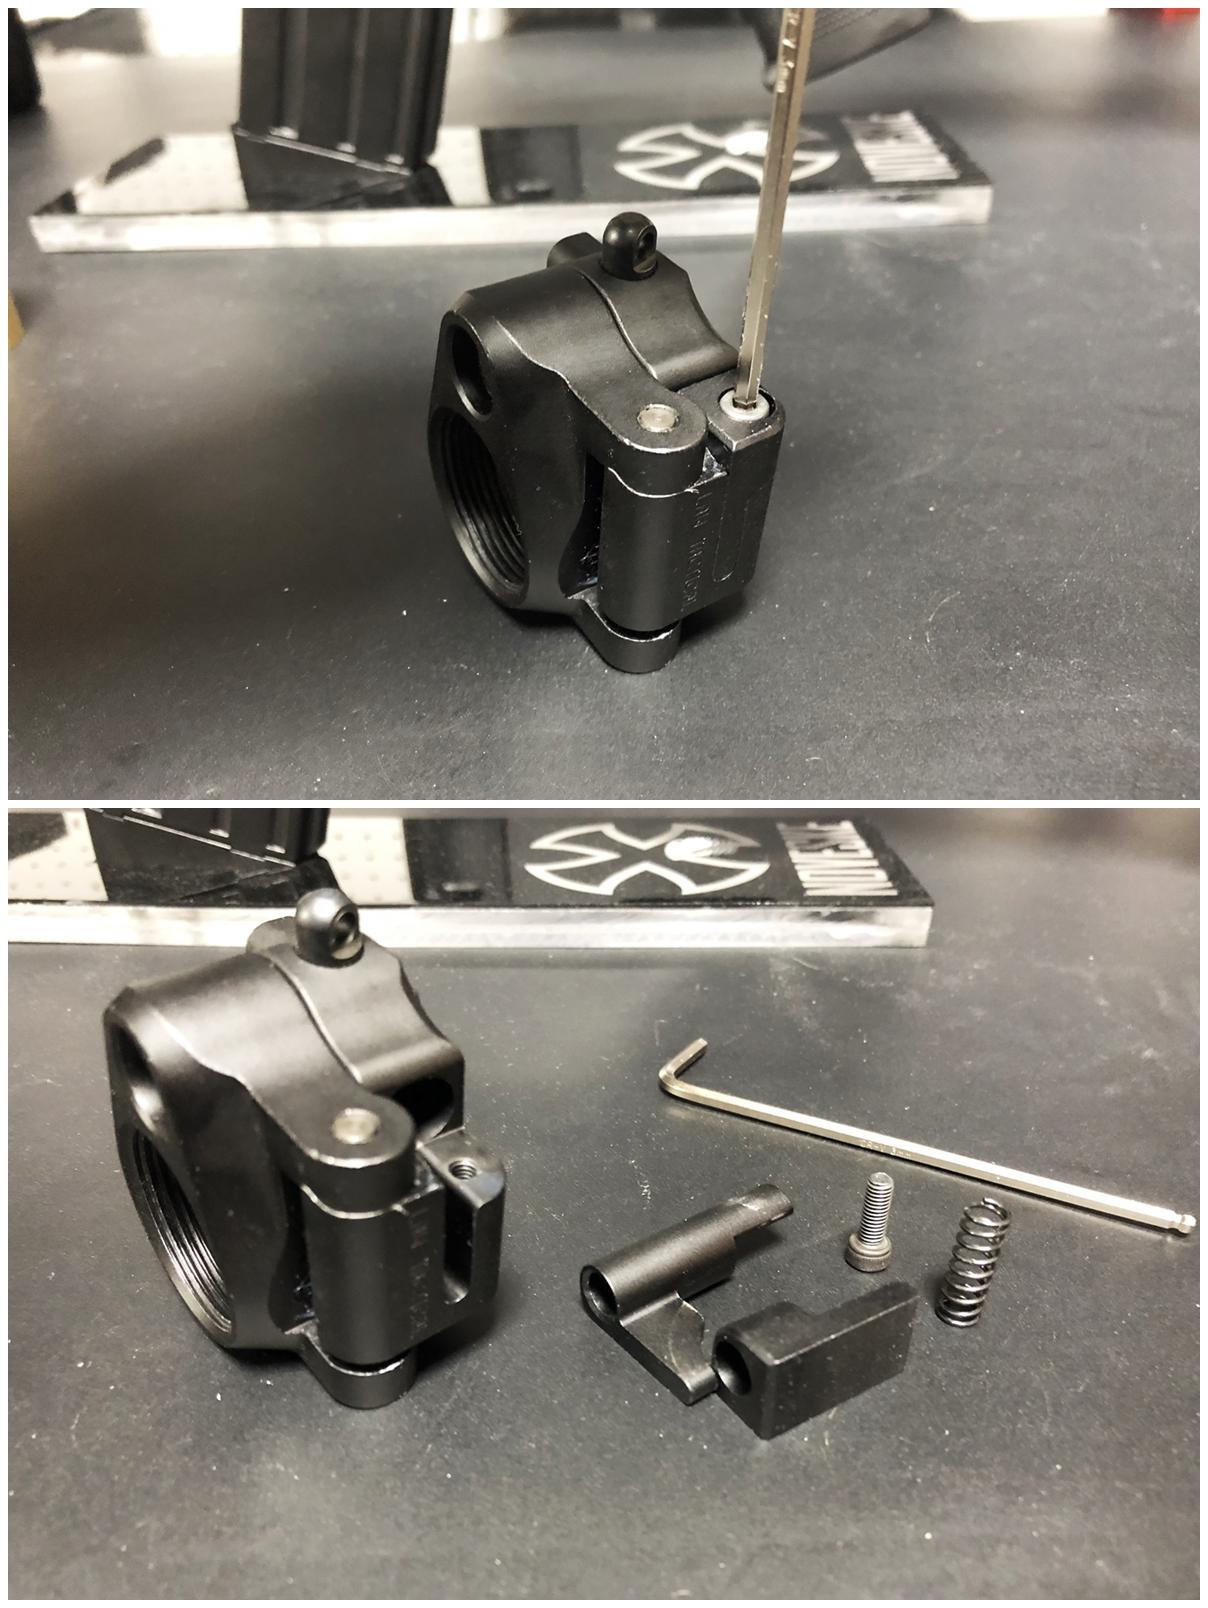 11 次世代 M4 CQB-R 電動ガン 実物 KAK ストック 取付 改造 カスタム 大作戦 第五弾!! やっと加工を再開!! 実銃 ストックパイプ AR フォールディング アダプター ダイス ネジ タップ 切り 加工 仮組 取付 道具 購入